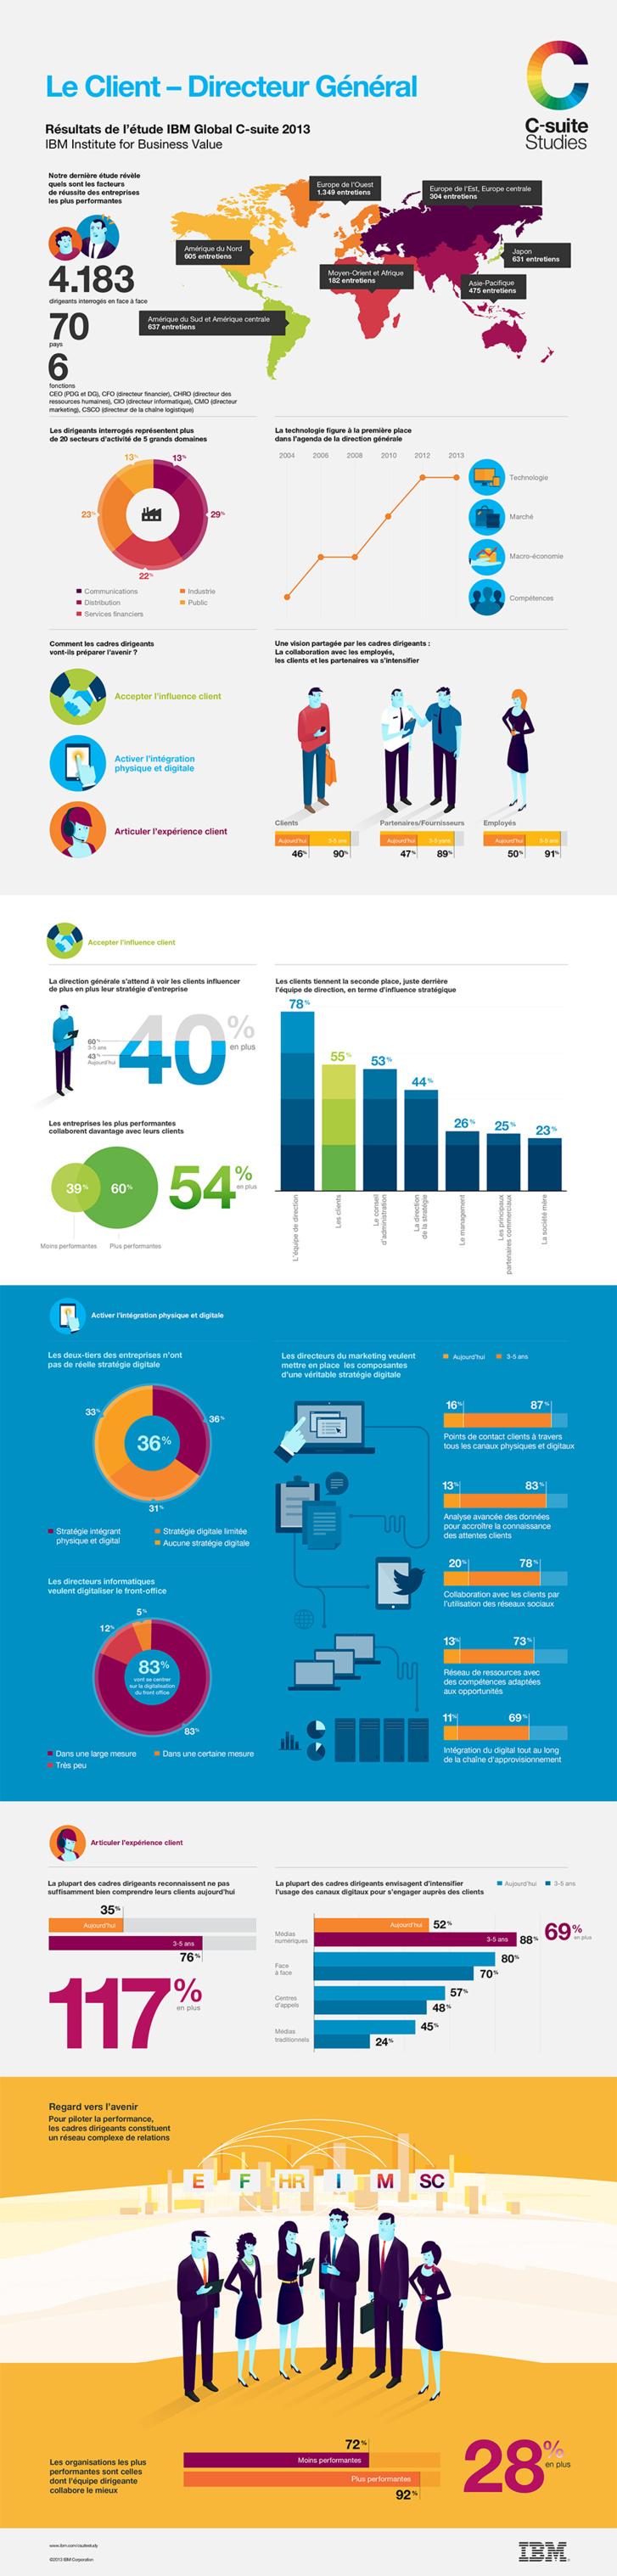 Infographie | Le Client – Directeur Général